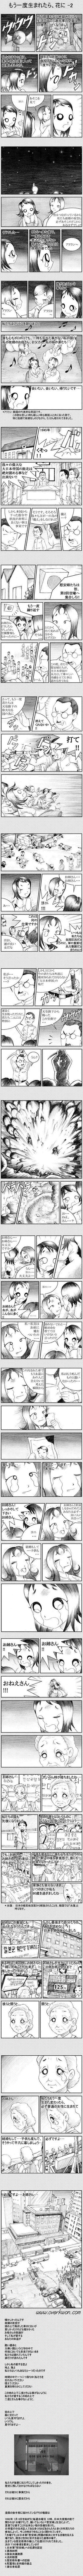 fantasy_manga2.jpg